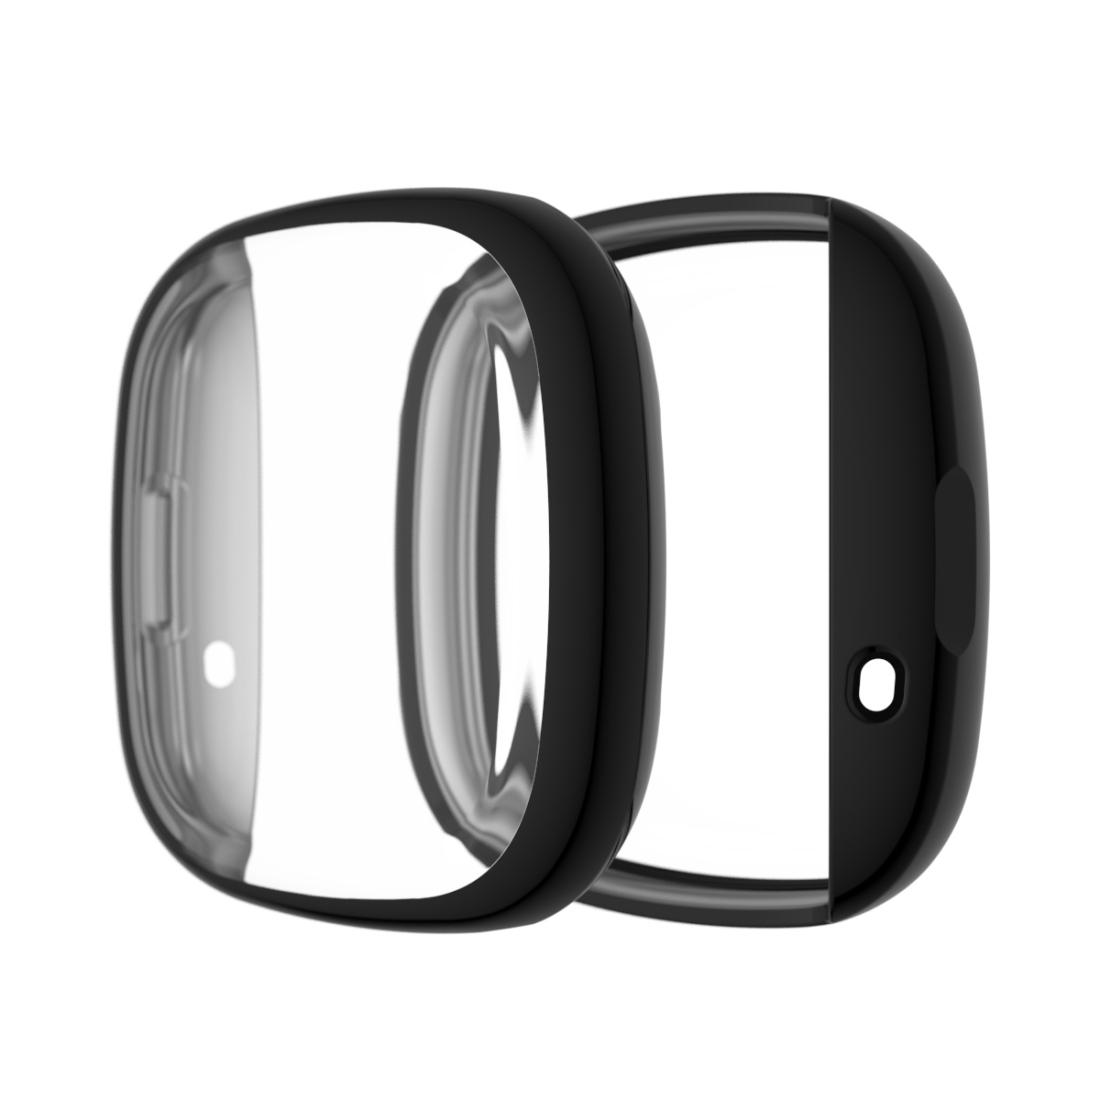 Case Capa Protetora 3D compatível com Fitbit Versa 3